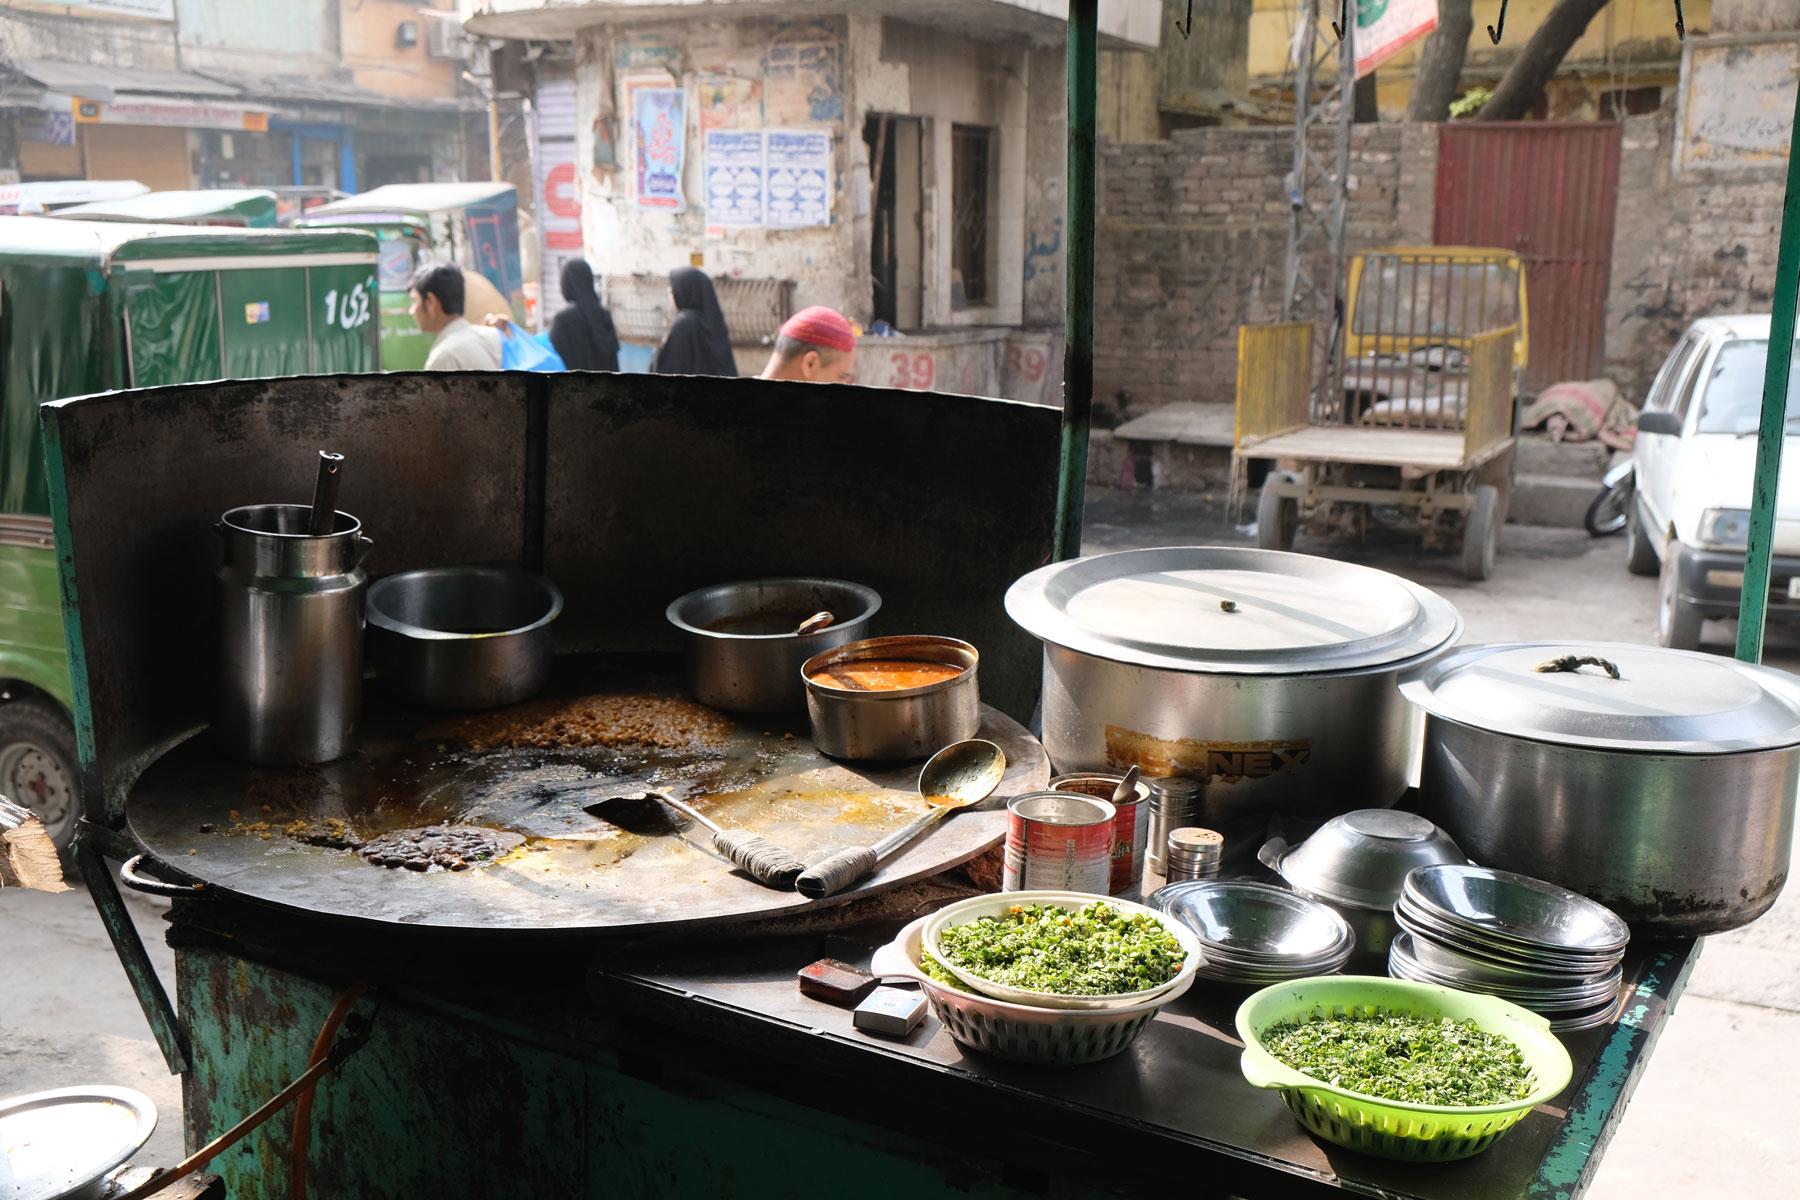 Kochfeld einer Garküche in Rawalpindi.